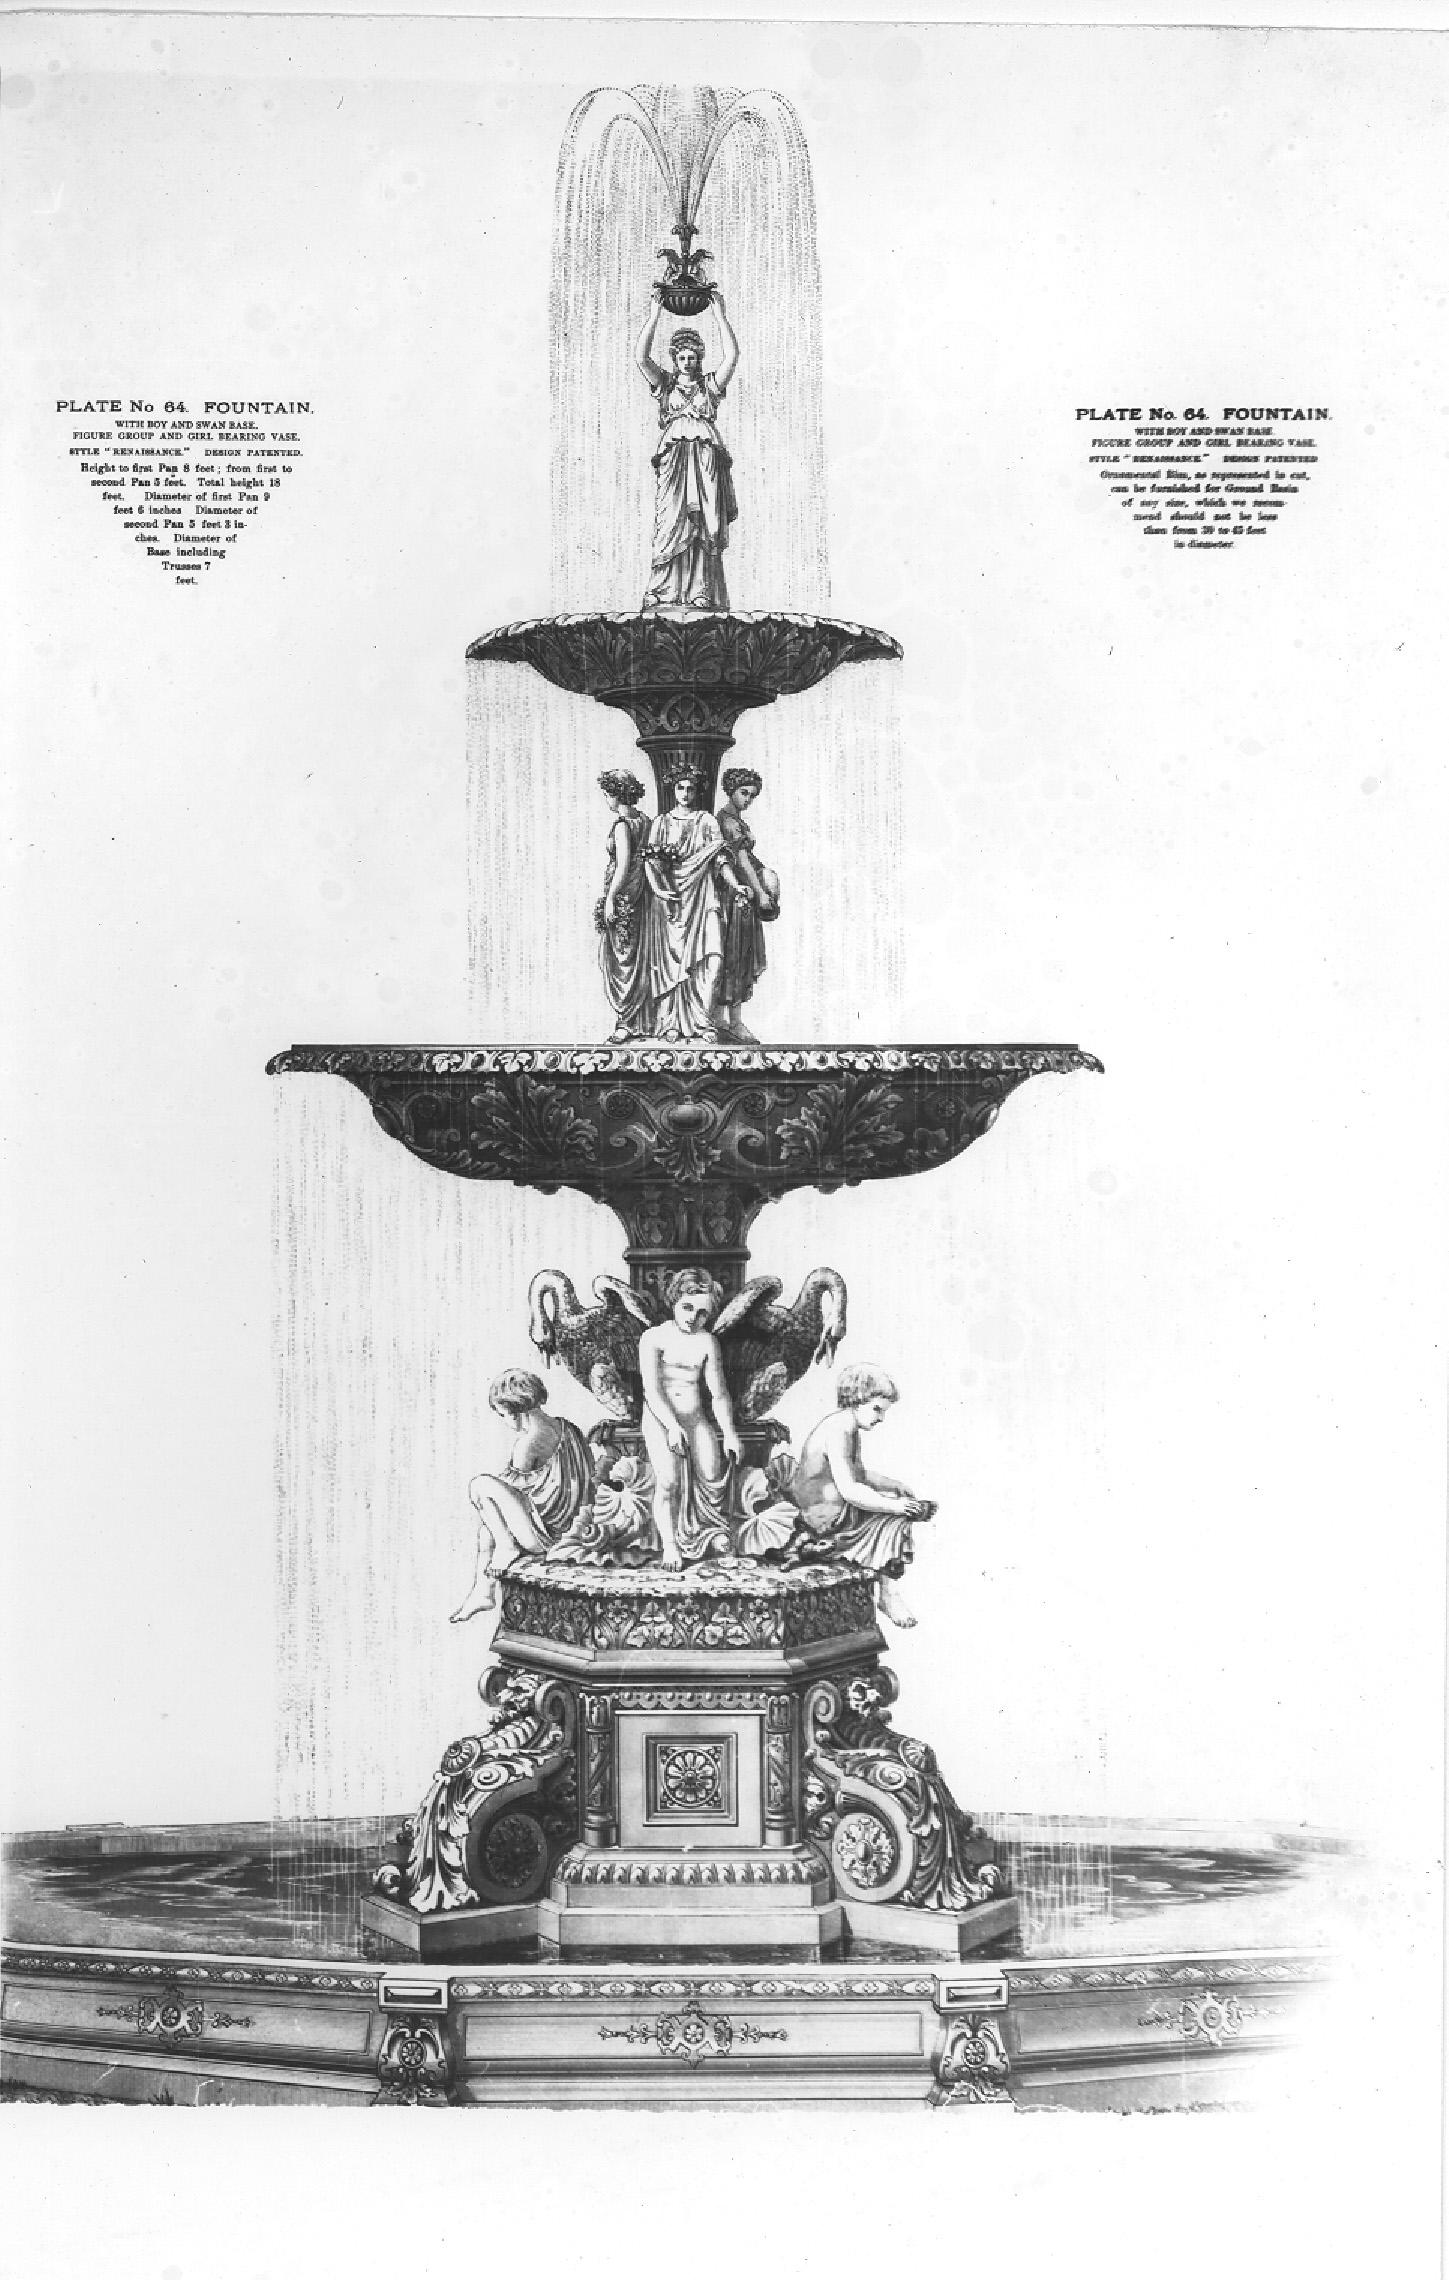 Mott Fountain Design